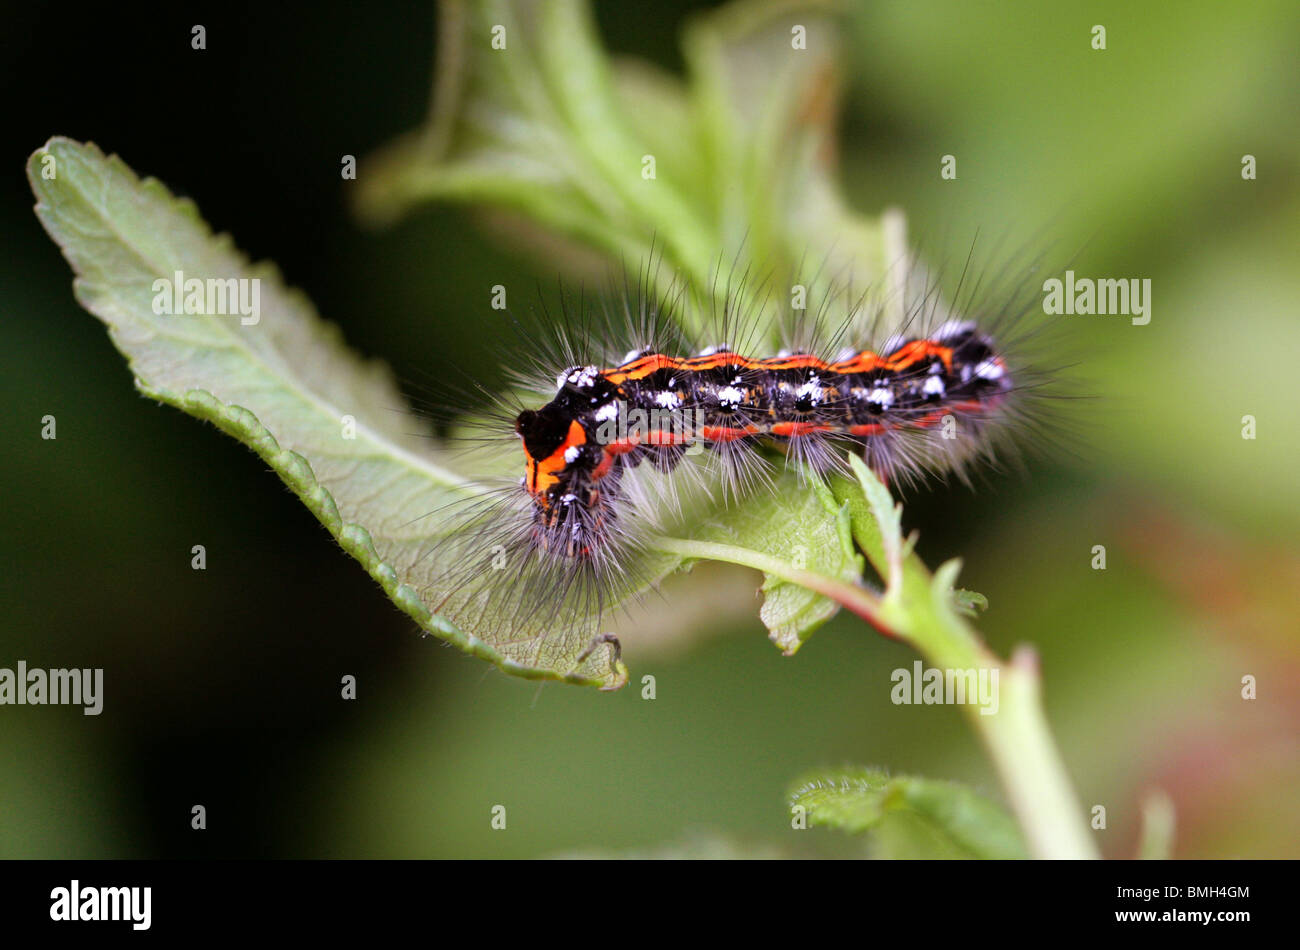 Dunkle Dolch, Acronicta Tridens, Lepidoptera, Noctuidae, Acronictinae, Caterpillar (Imago). Stockbild